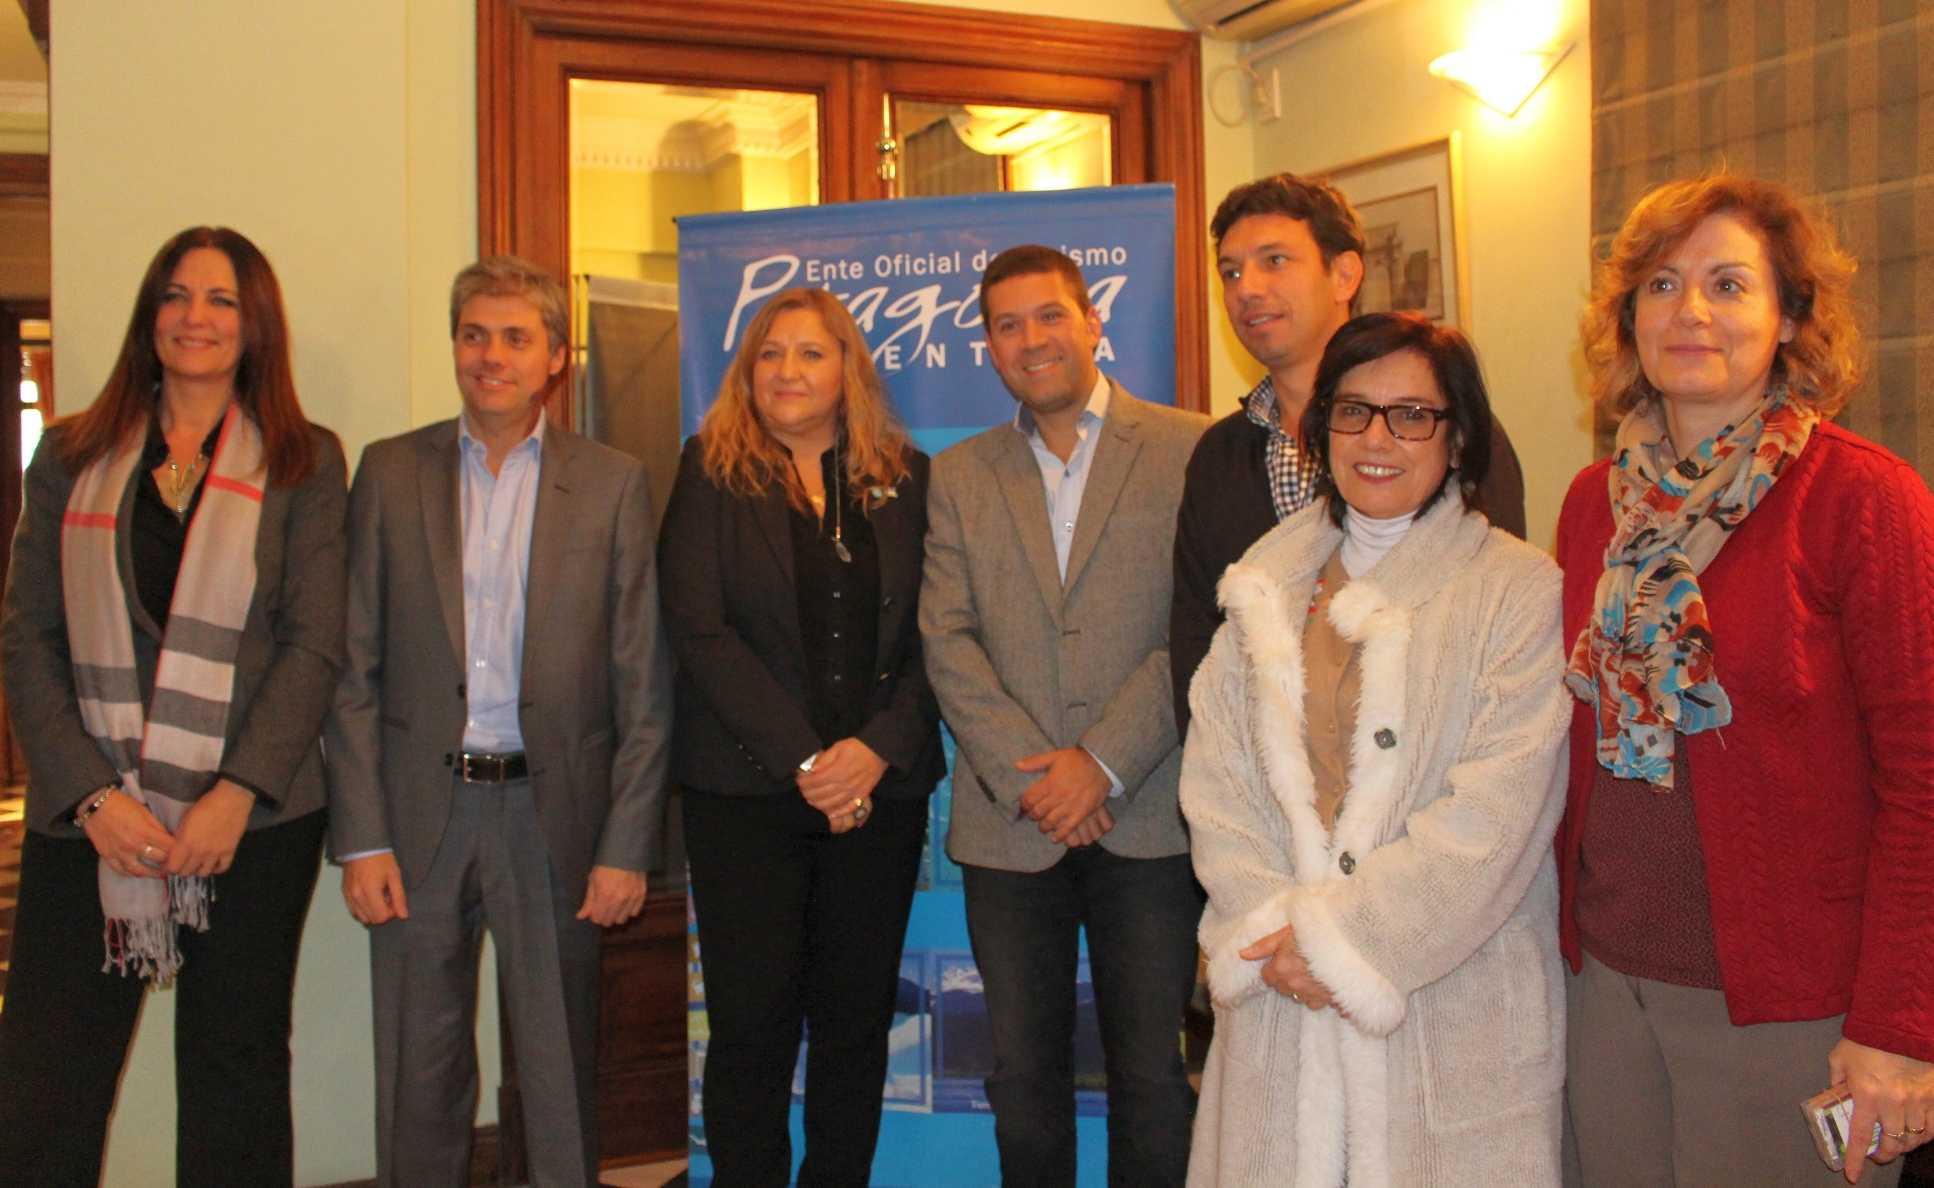 Se llevó a cabo una nueva reunión de Comisión Directiva del Ente Patagonia